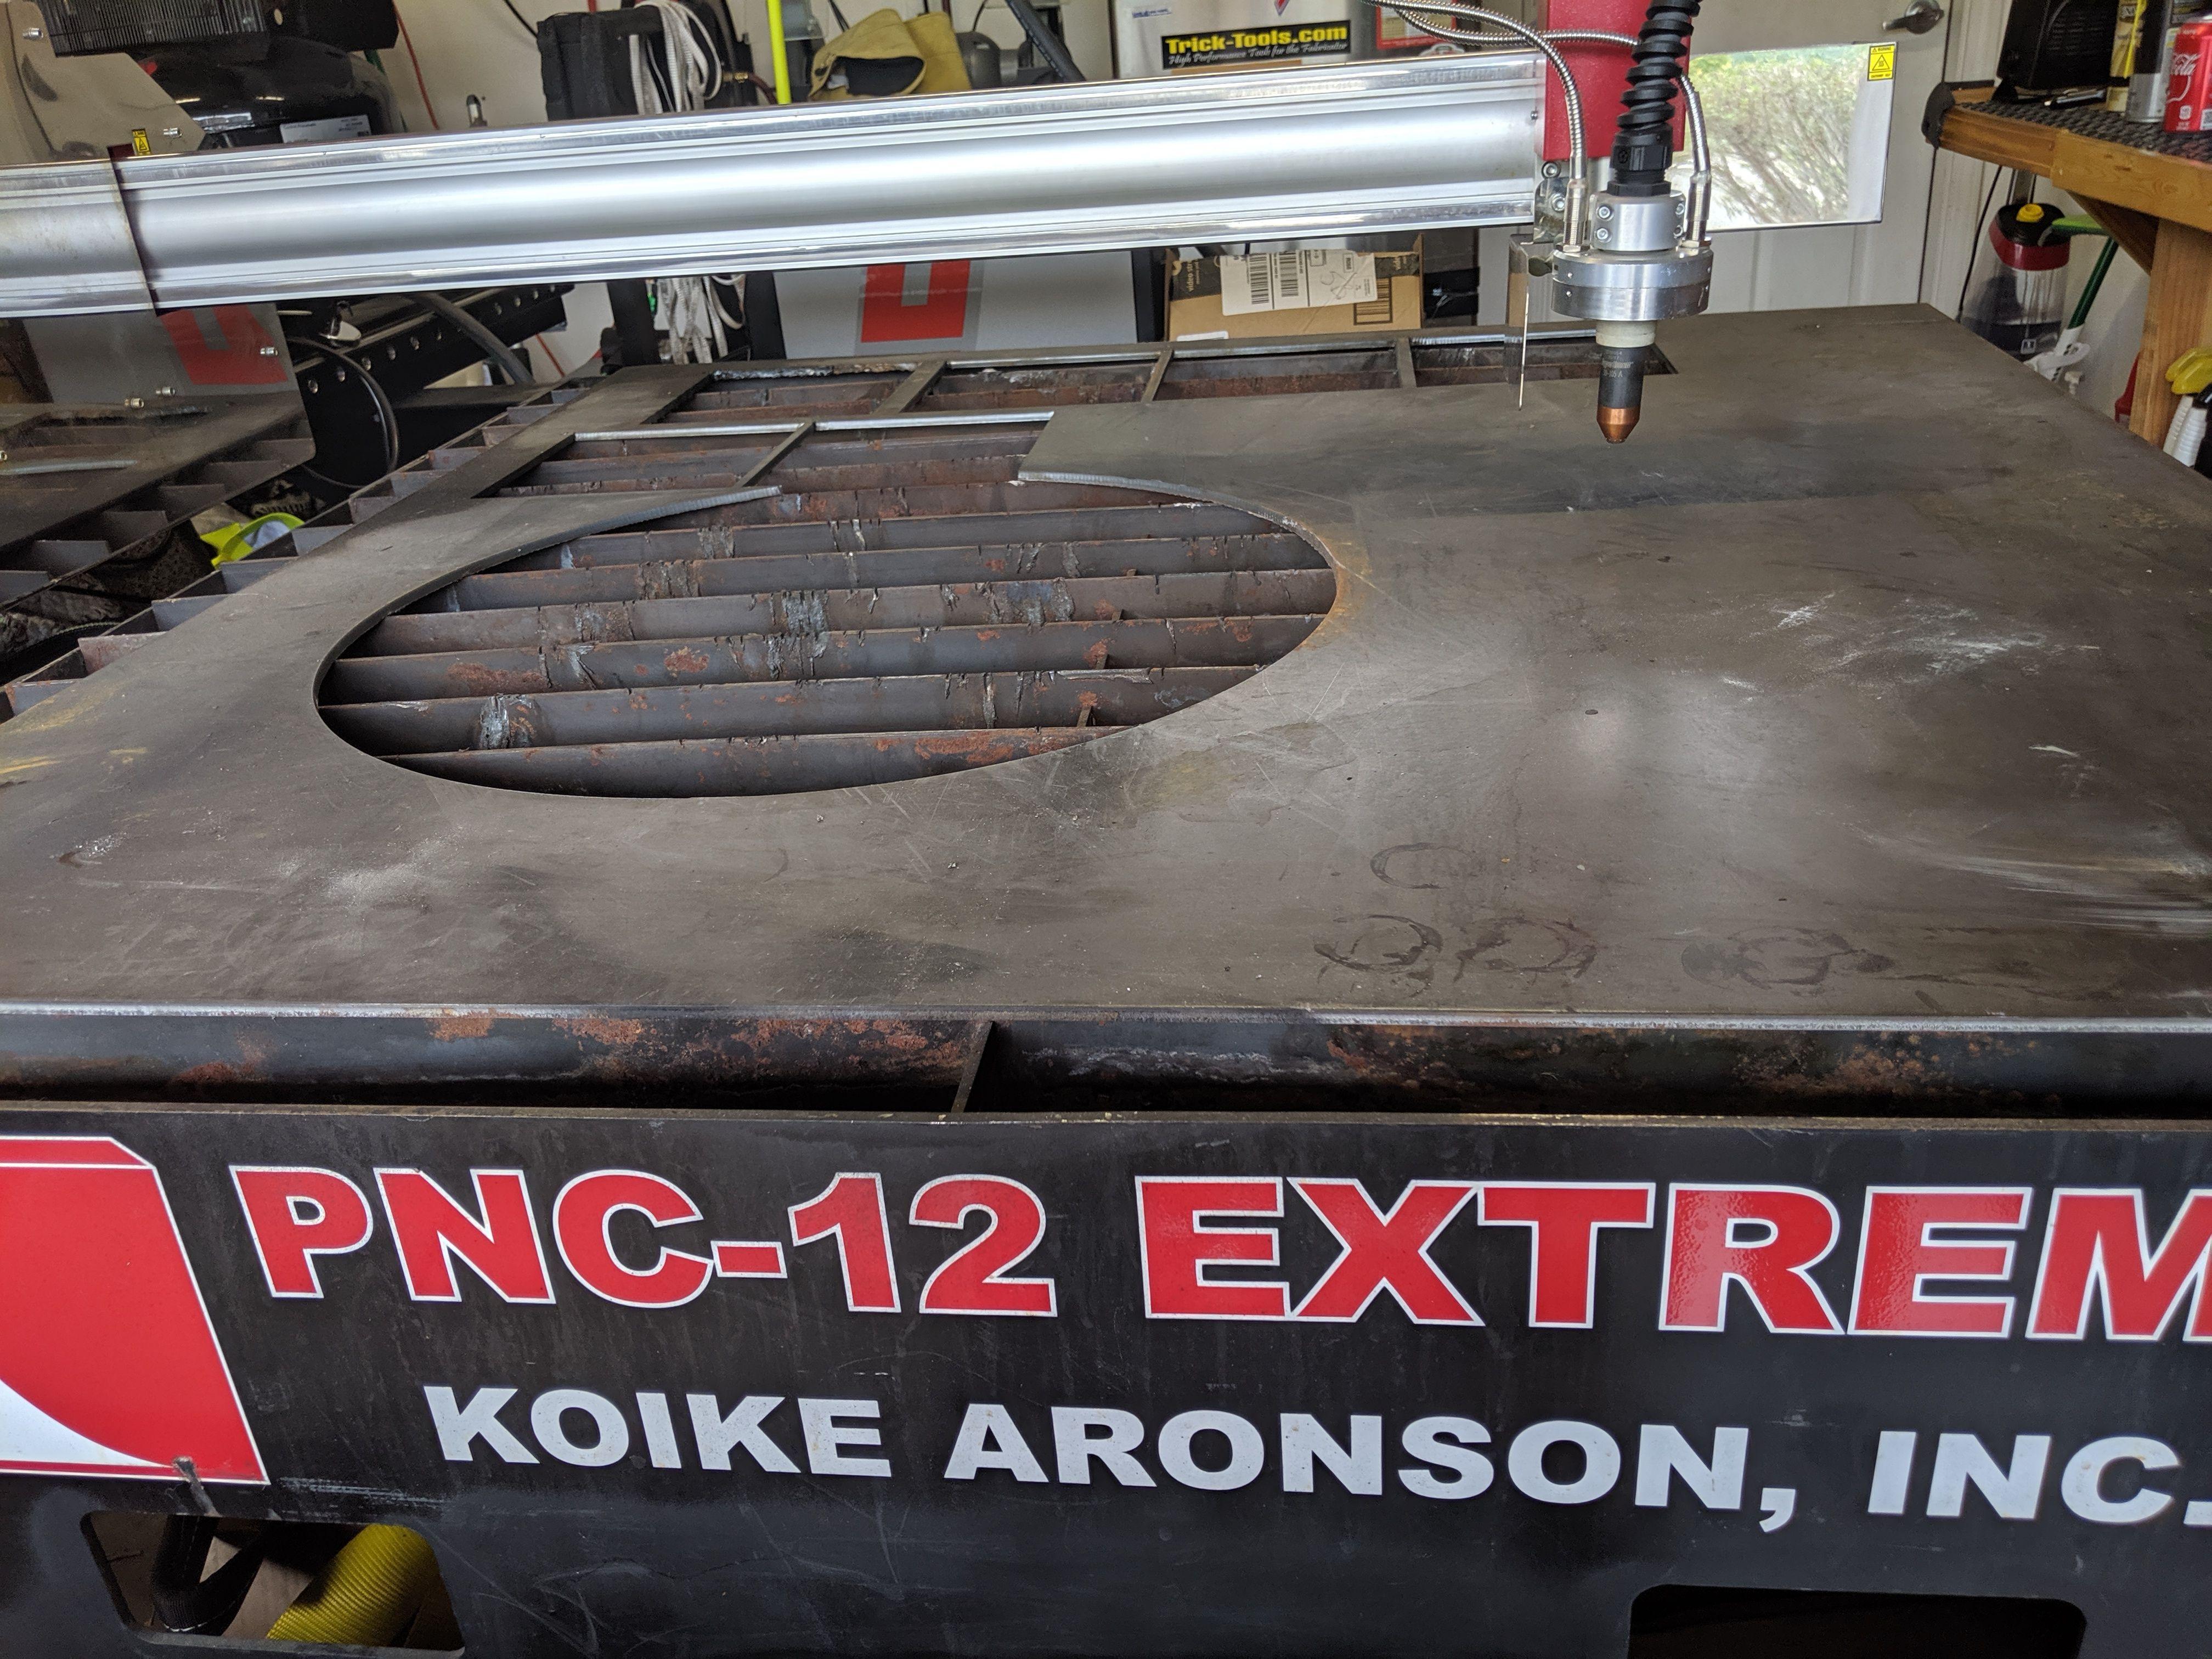 KOIKE ARONSON EXTREME31 00